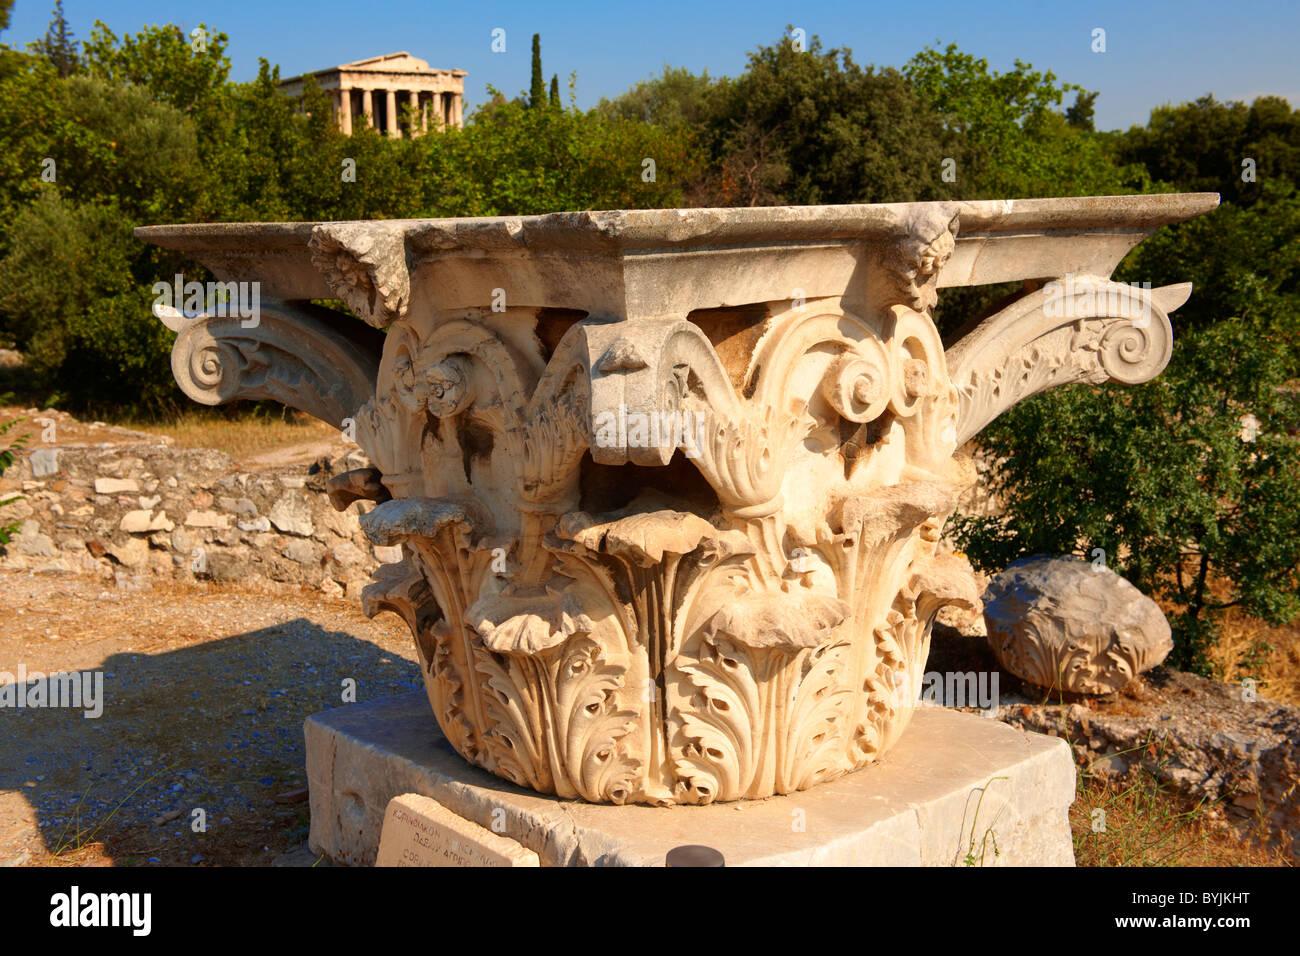 Corinthian column Capital, Agora of Athens, Greece - Stock Image